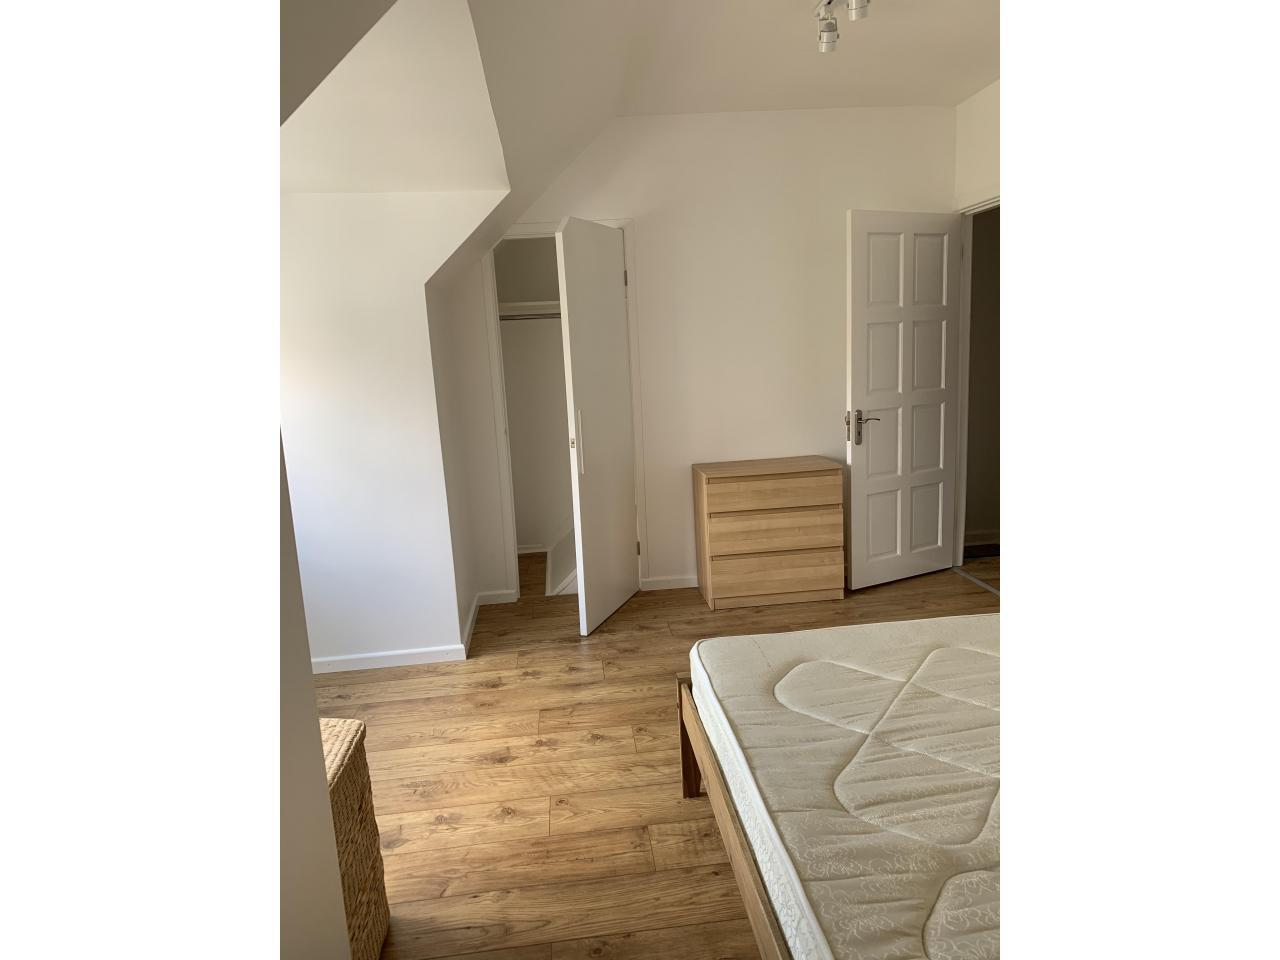 Сдается 2-местная просторная комната,Dagenham - 3